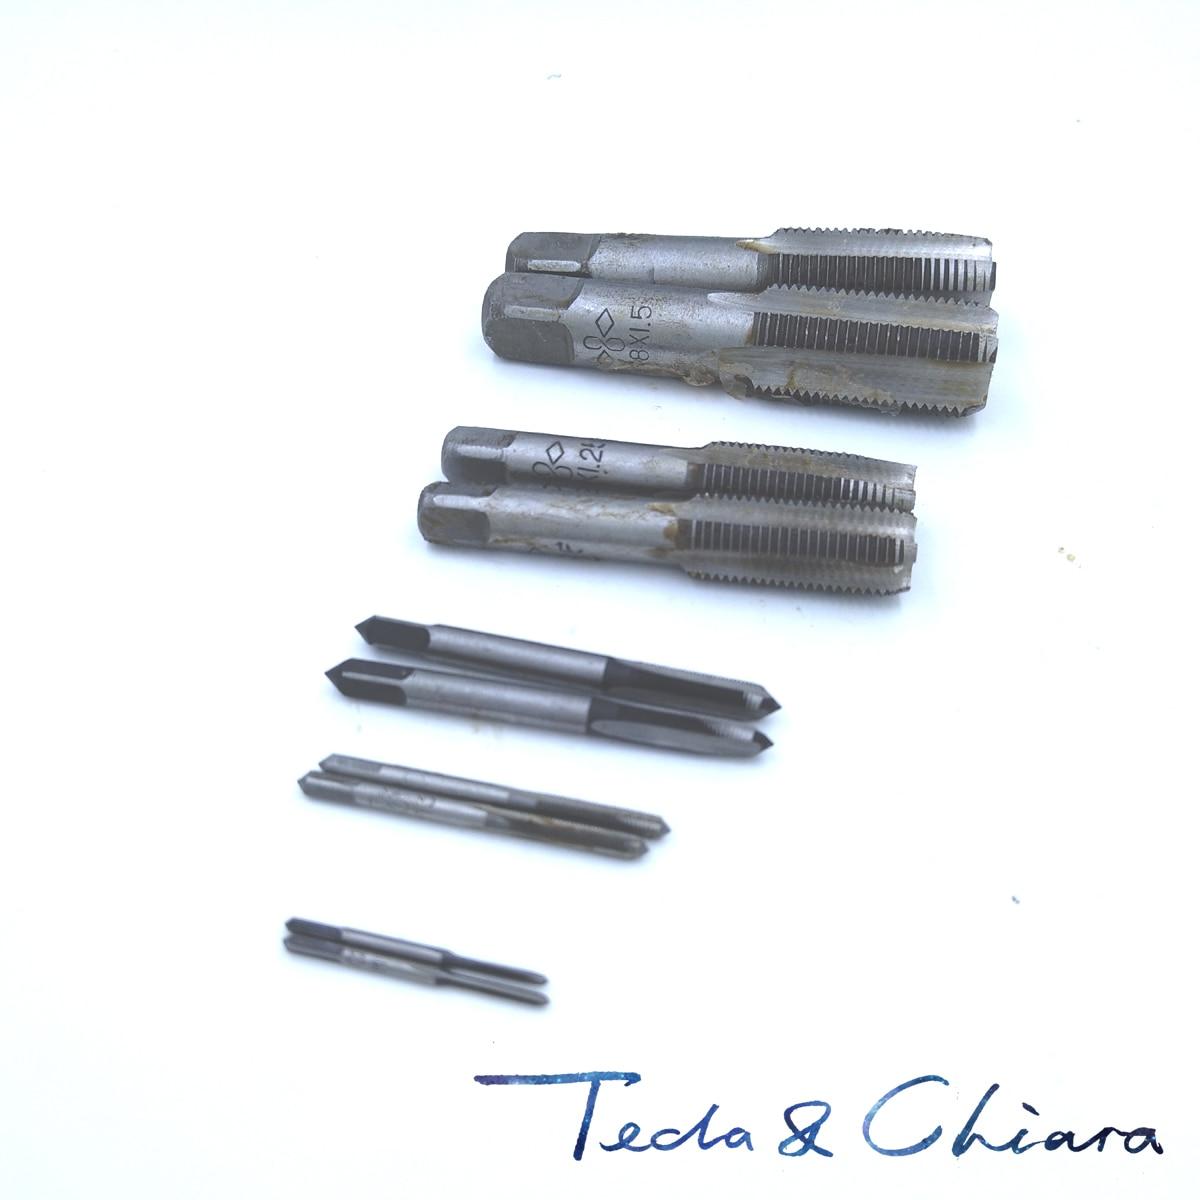 (1pcs)12mm x 0.75 Metric HSS Right hand Tap M12 x 0.75mm Pitch high quality